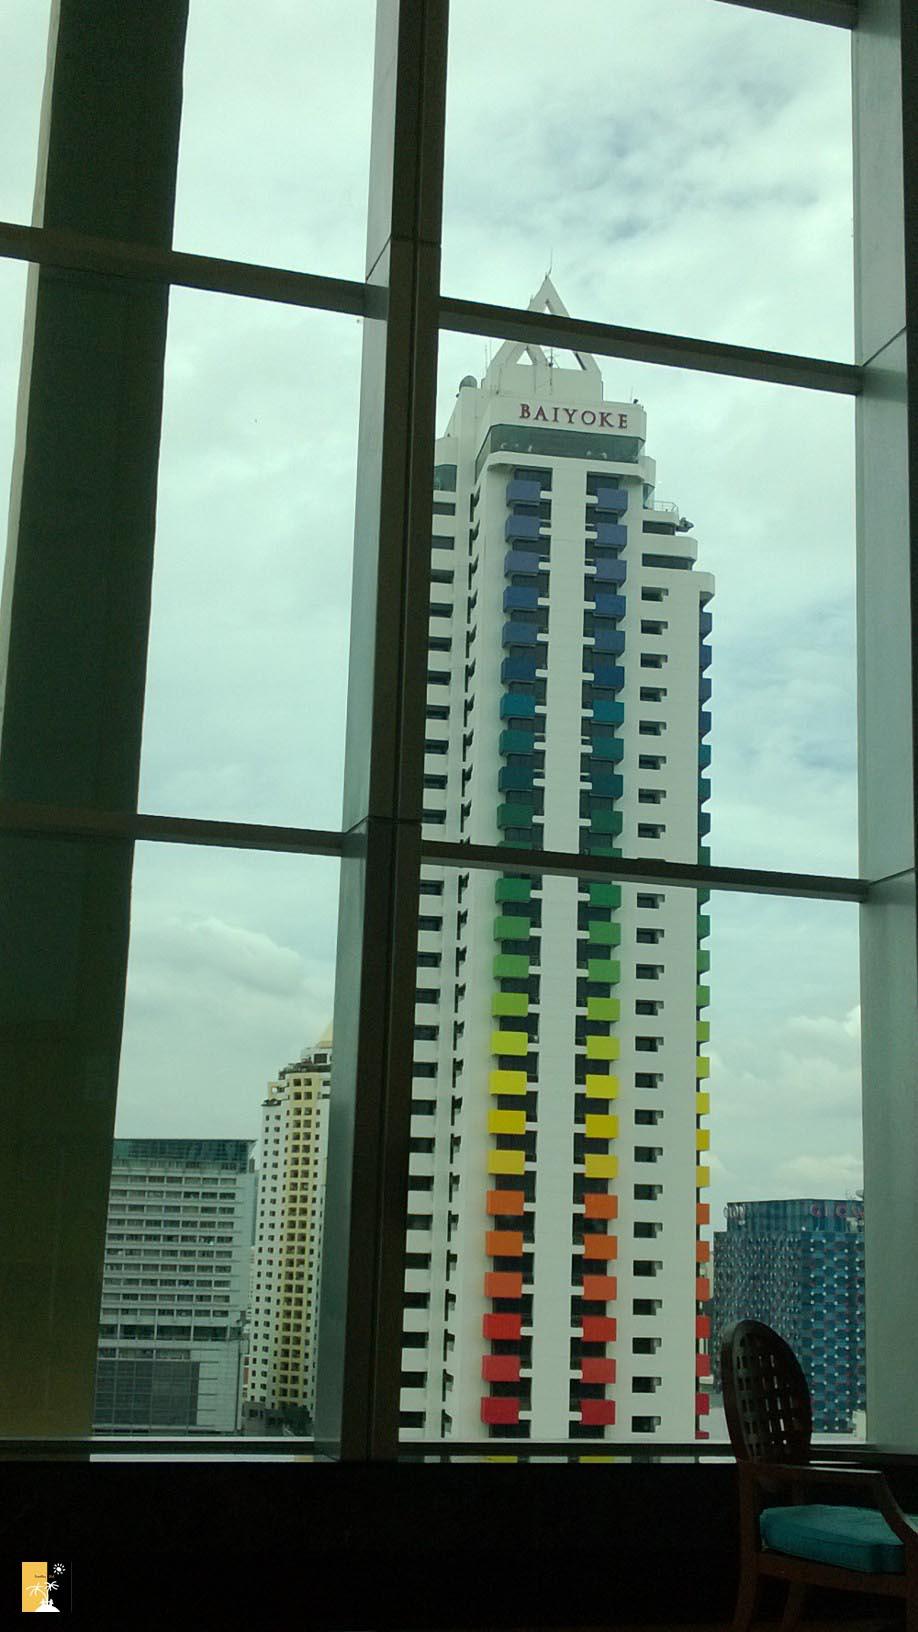 Байок скай - самое высокое здание